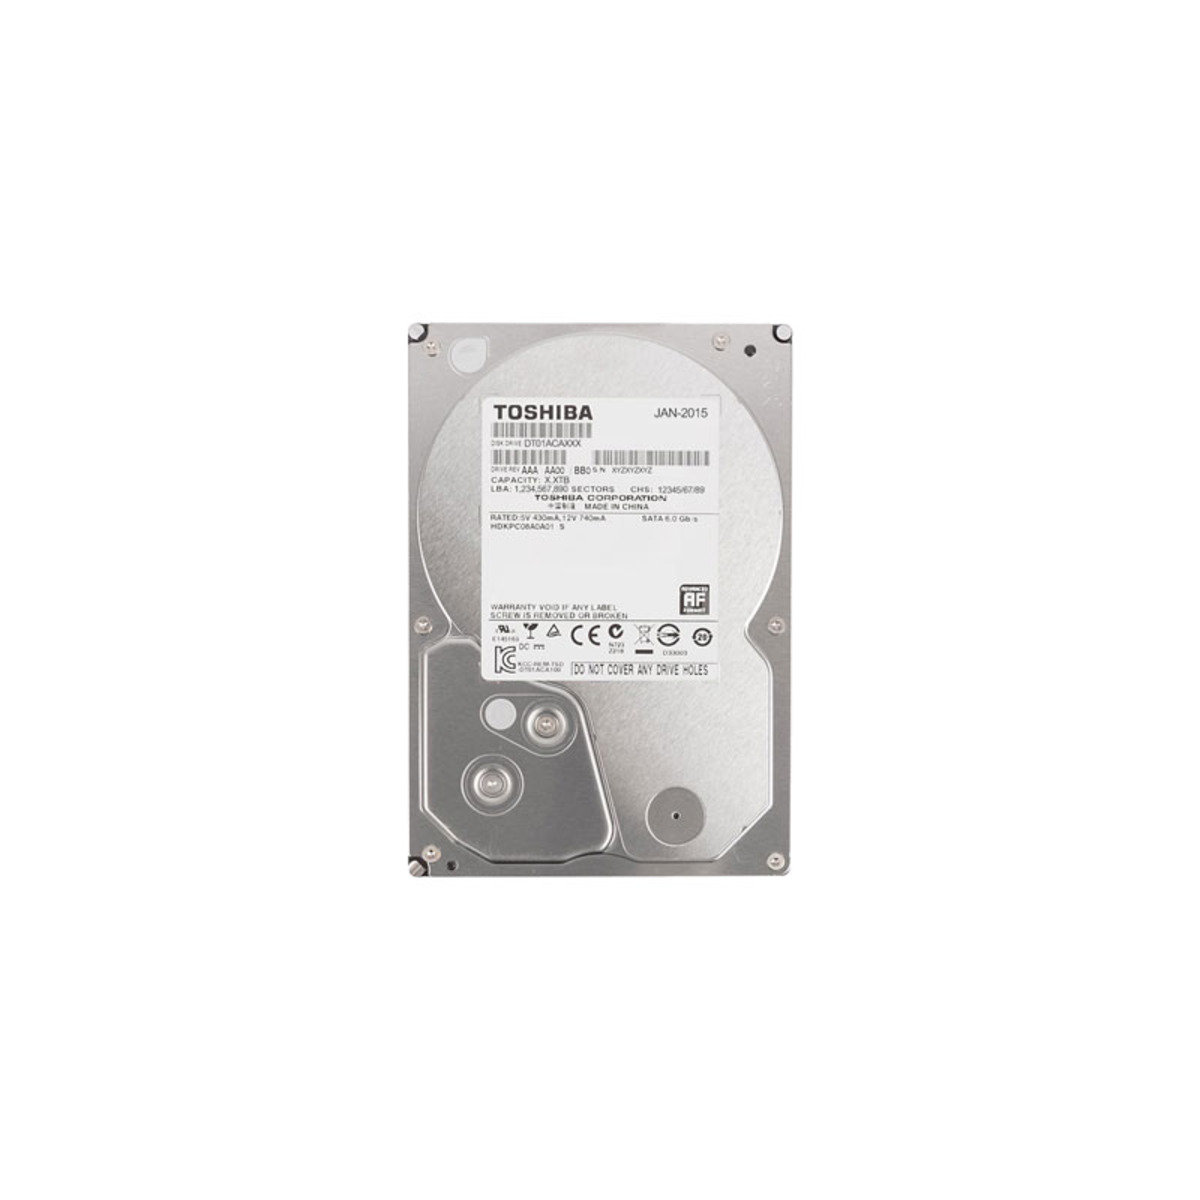 3.5吋 1TB SATA 6Gb/s 桌上型電腦 內置硬碟 DT01ACA100